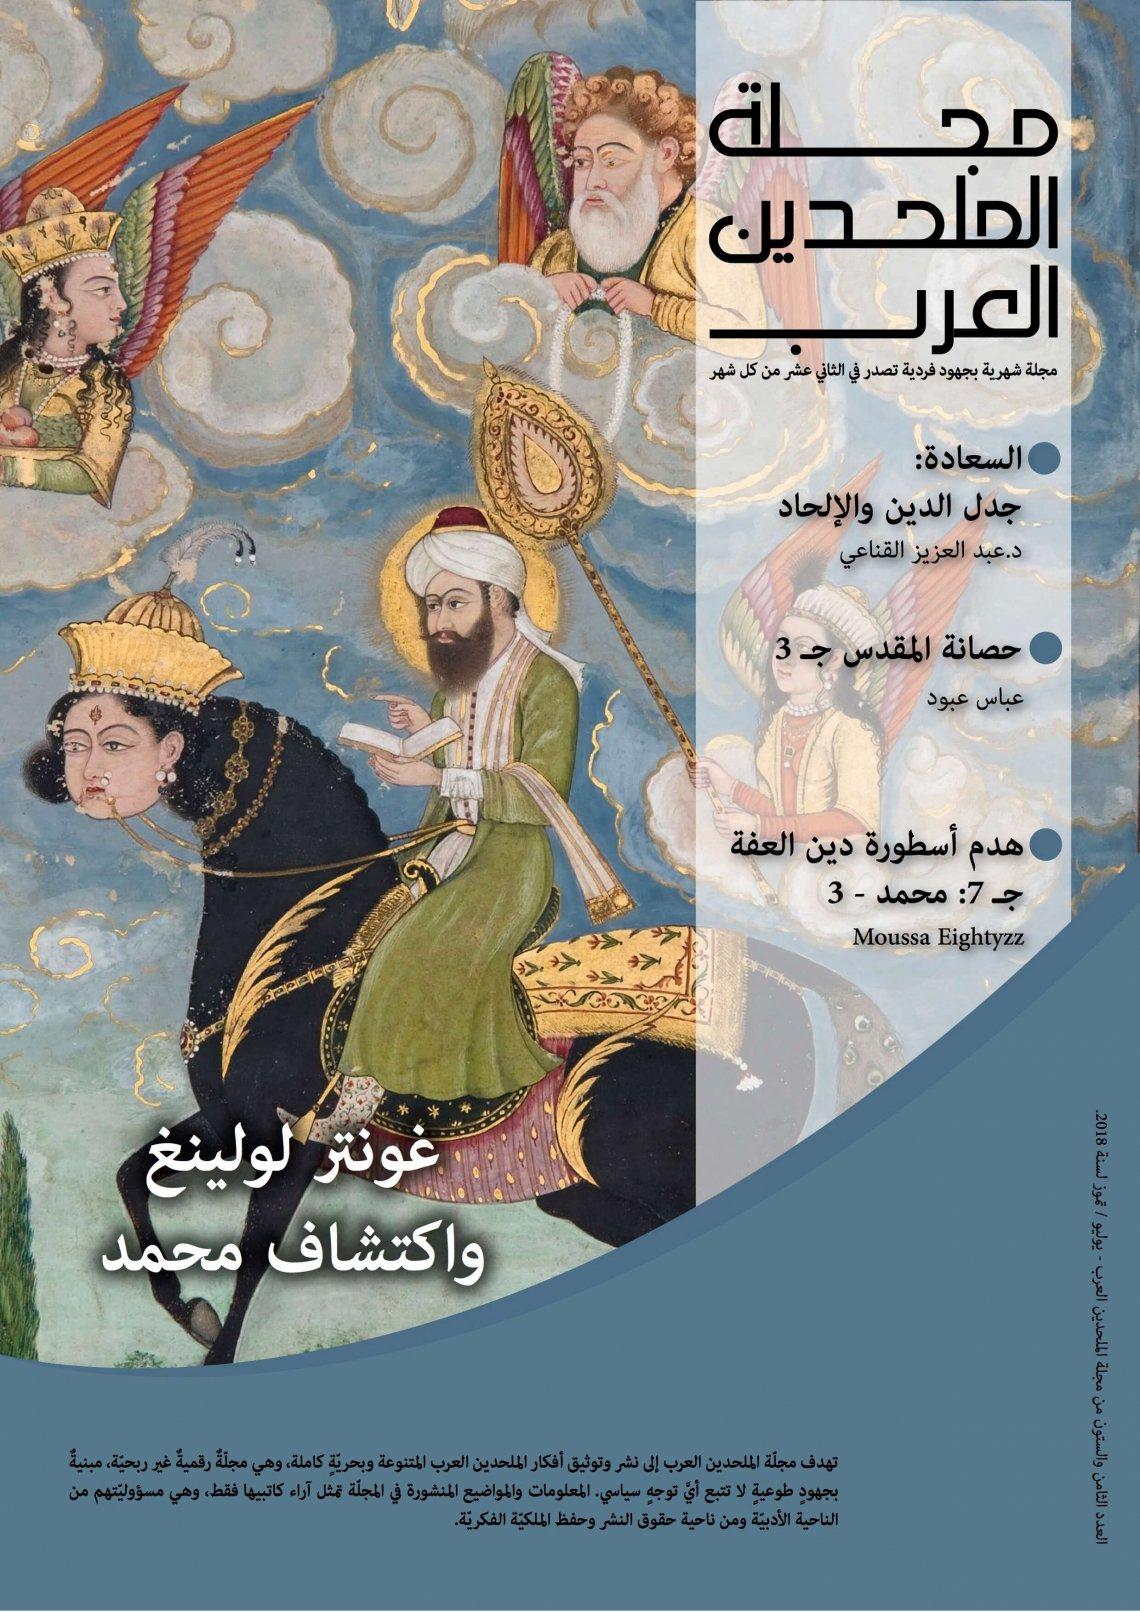 مجلة الملحدين العرب: العدد الثامن والستون / يوليو تموز / 2018